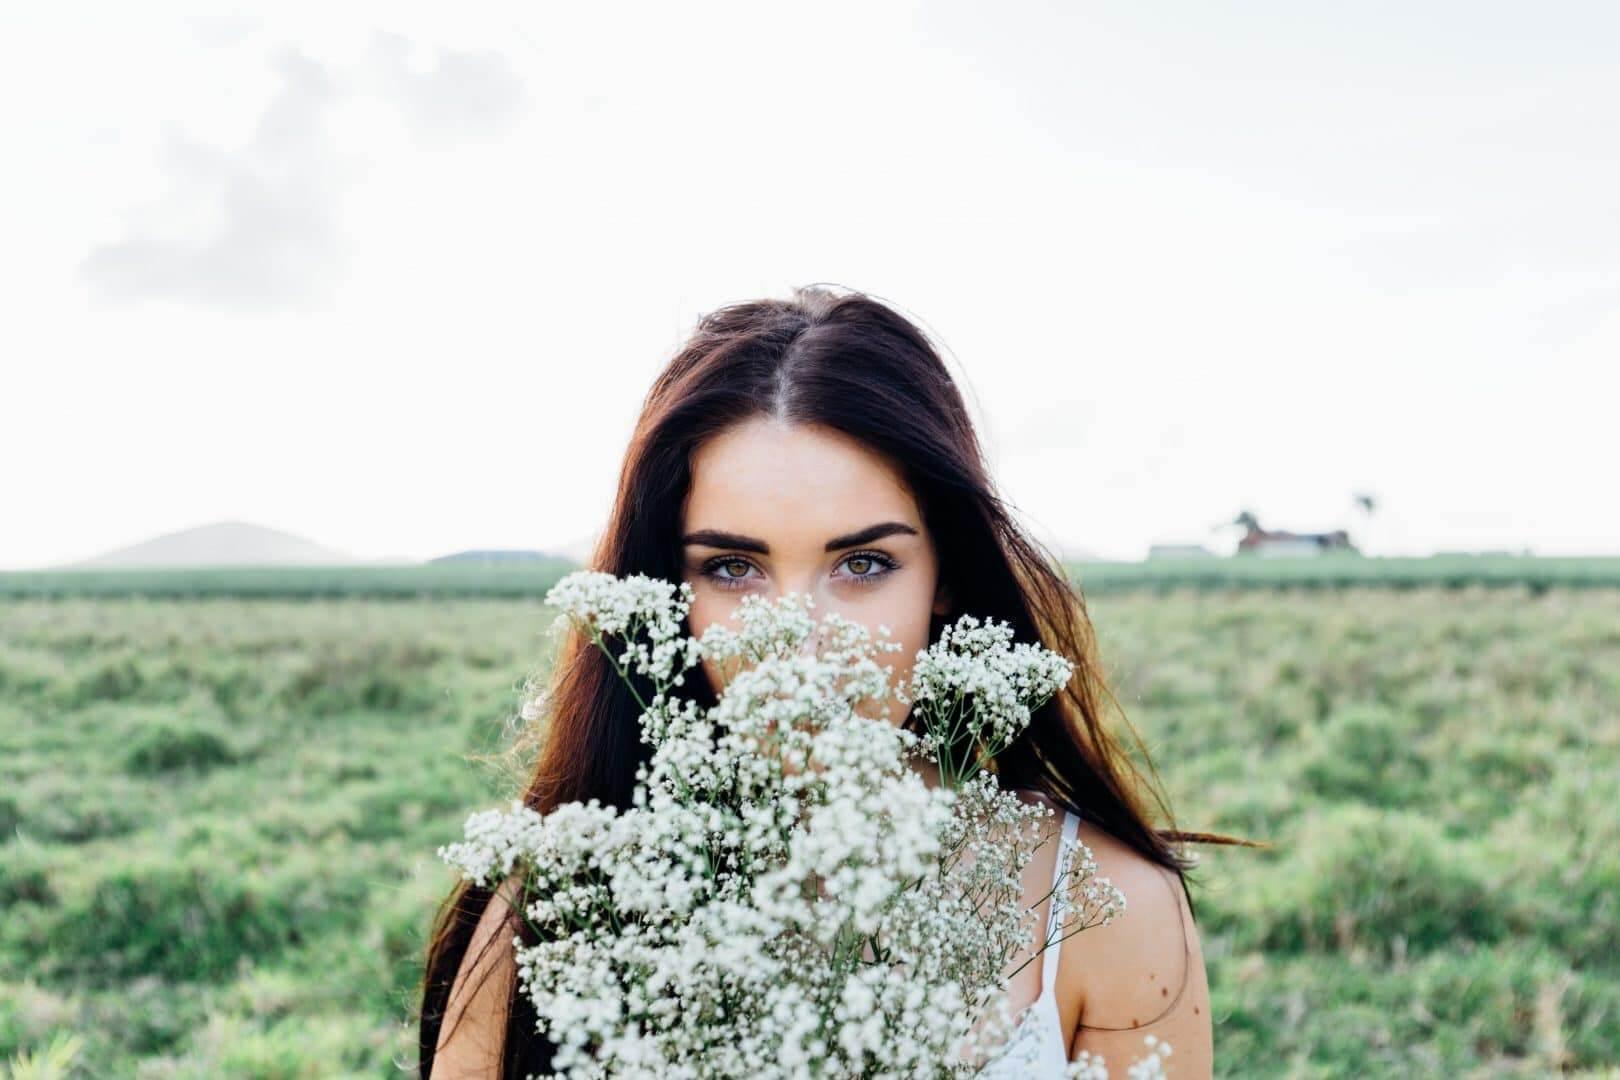 Kvinde med langt mørkt hår, skjuler noget af sit ansigt bag en buket blomster.